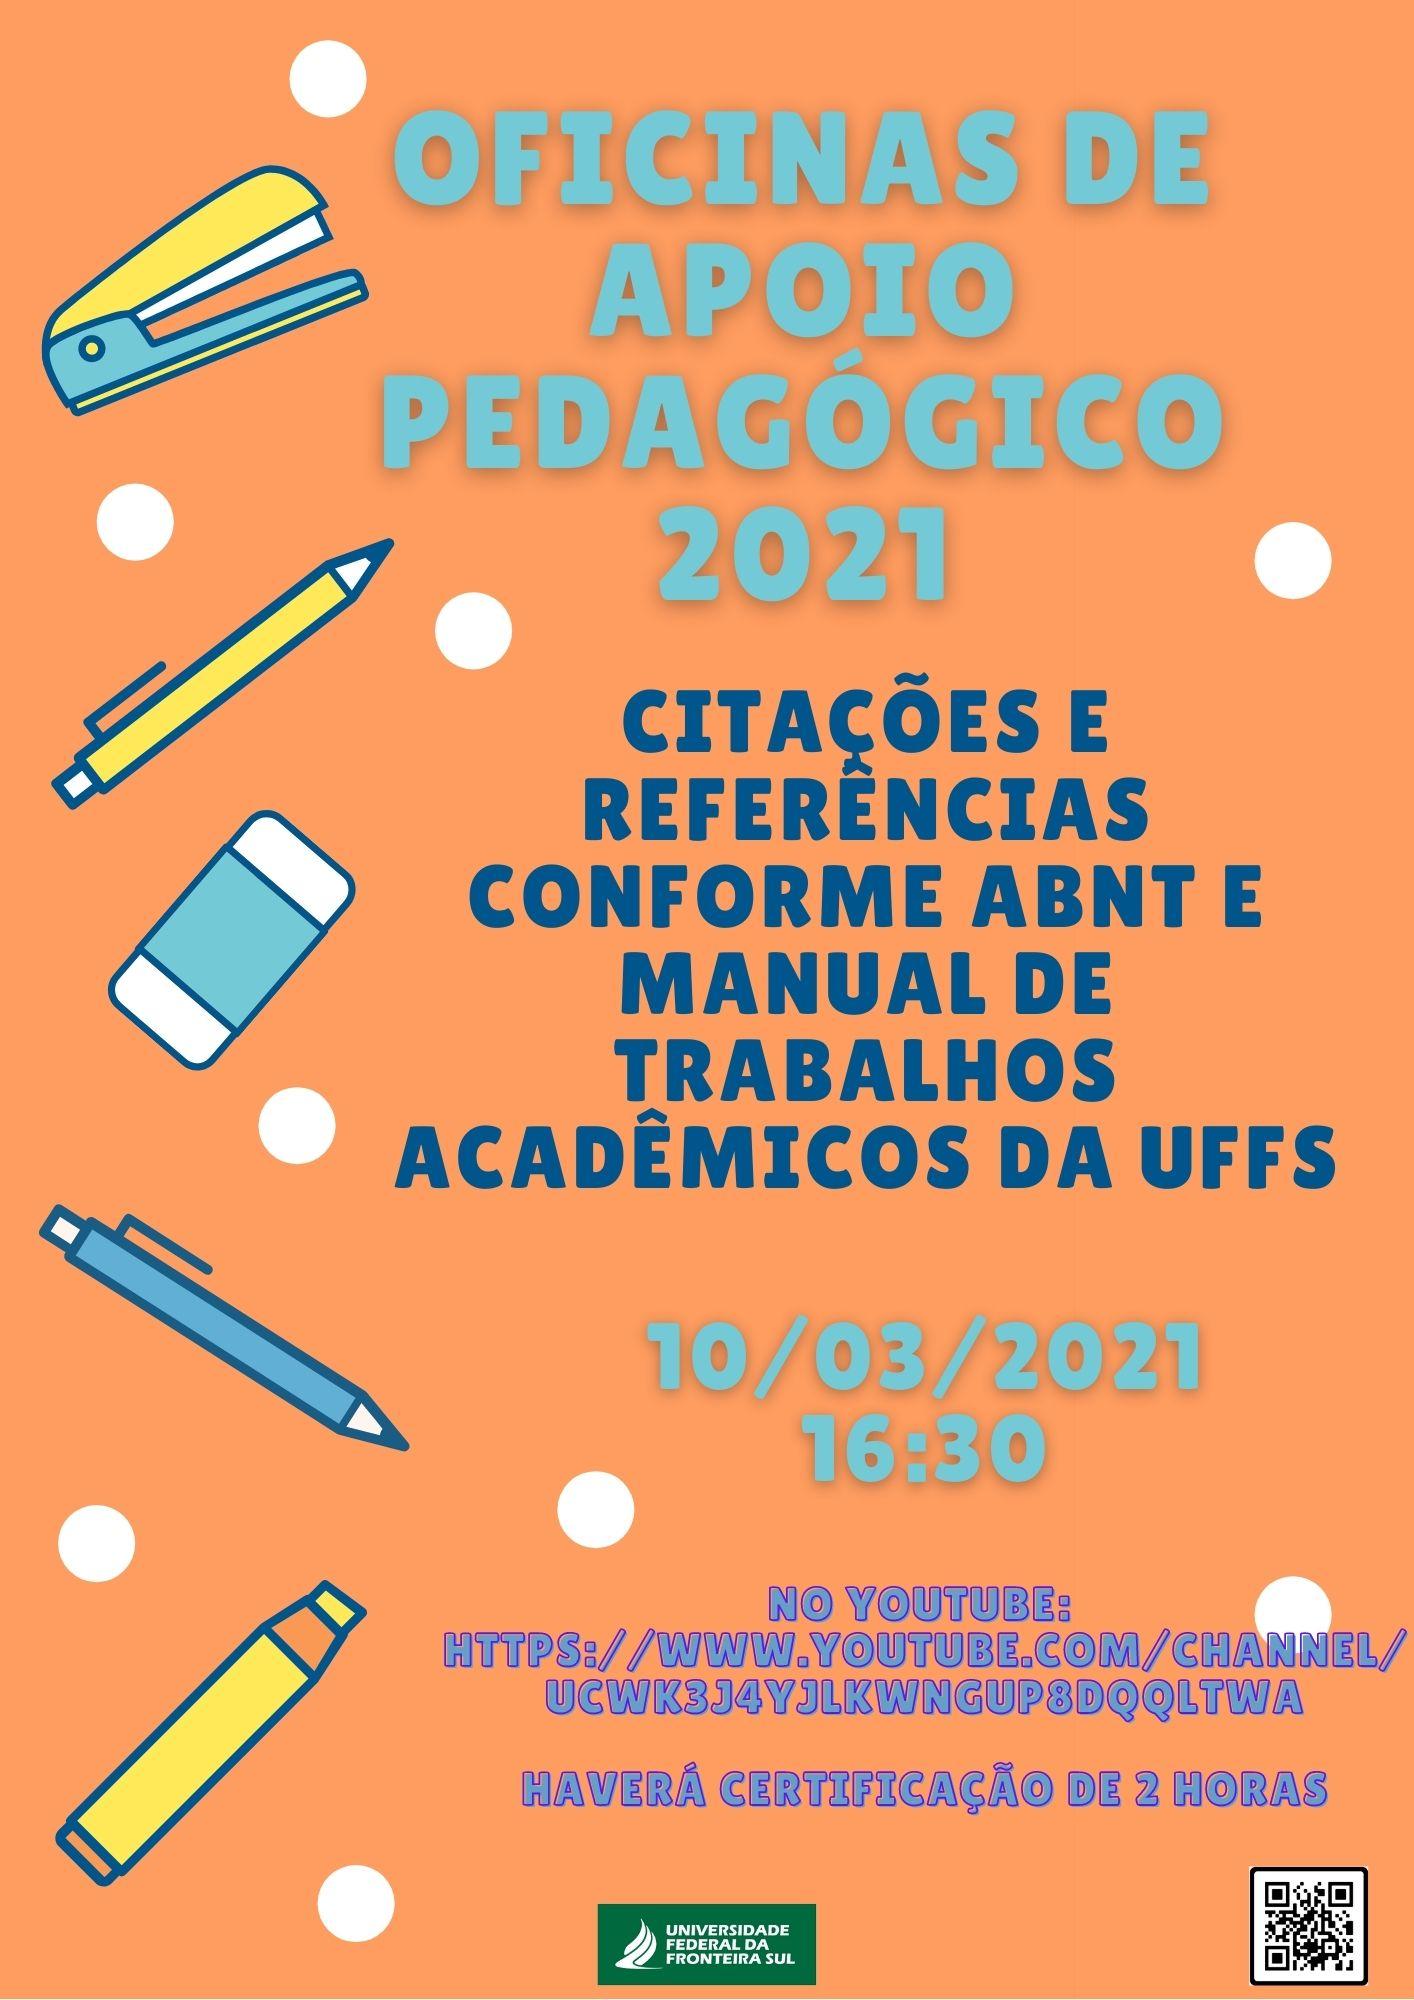 Ofinas de apoio pedagógico; Citações e referências conforme ABNT e manual de trabalhos acadêmicos da UFFS 10/09/2021 16:30. Haverá certificação de 2horas